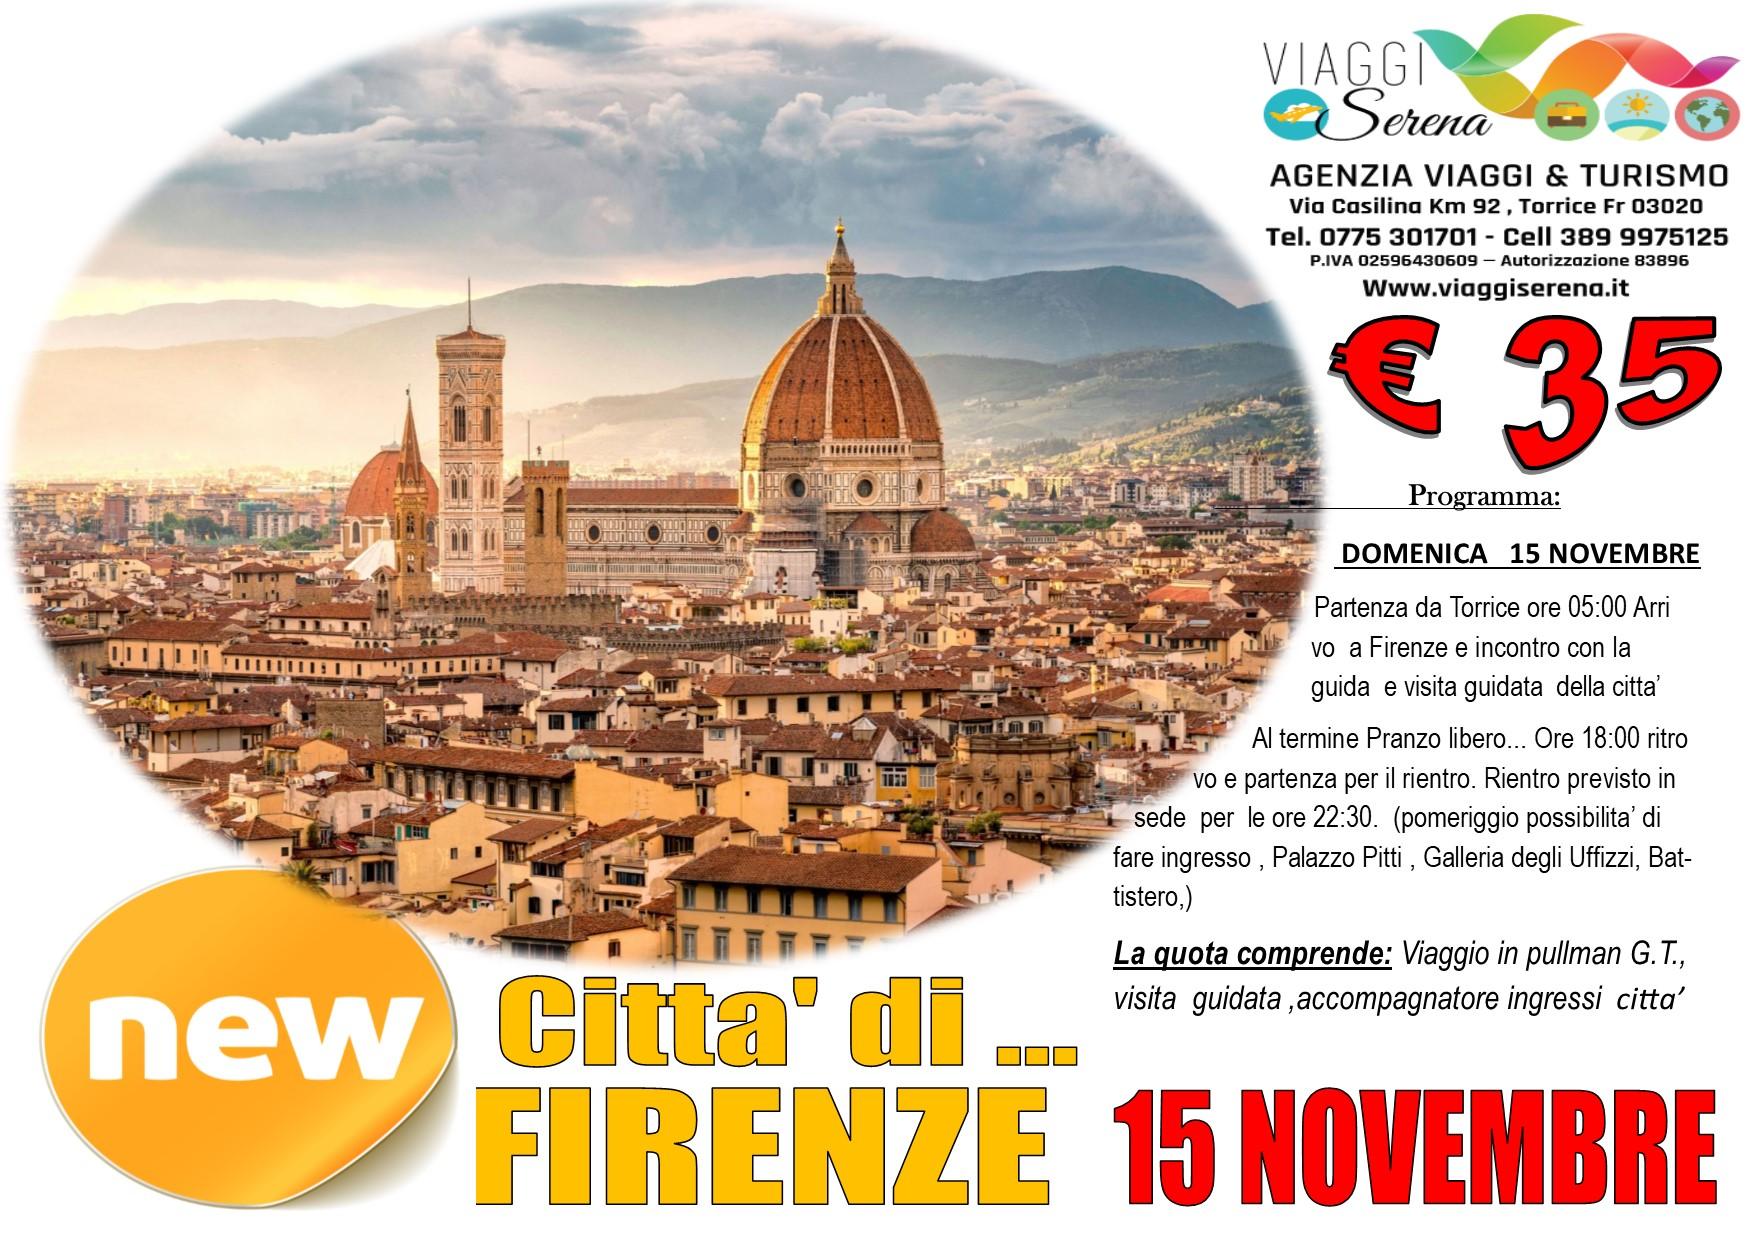 Viaggi di Gruppo: Firenze 15 Novembre € 35,00